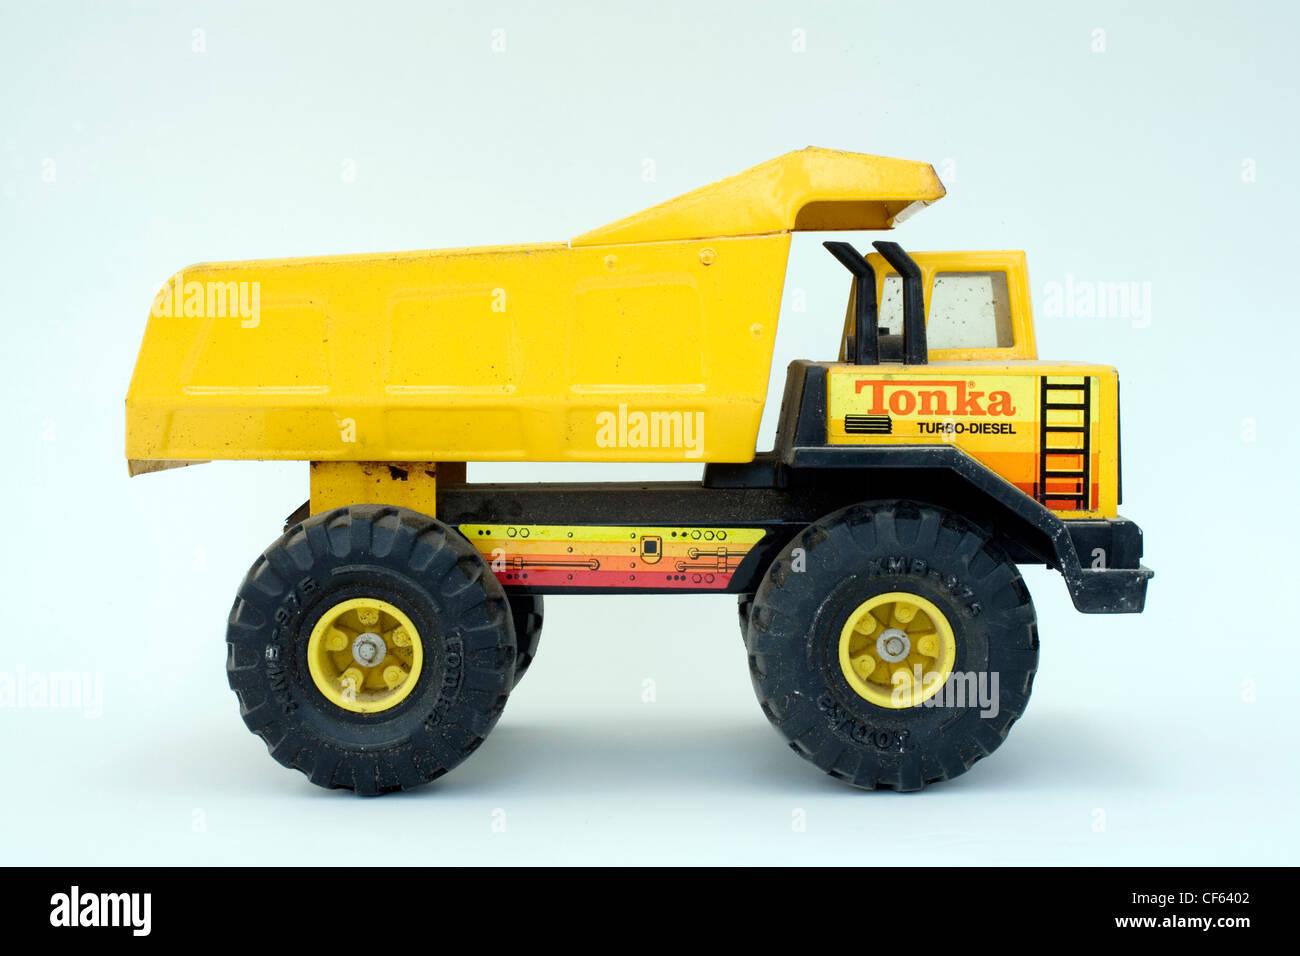 Tonka Toy Trucks >> Yellow Tonka Toy Truck On A White Background Stock Photo